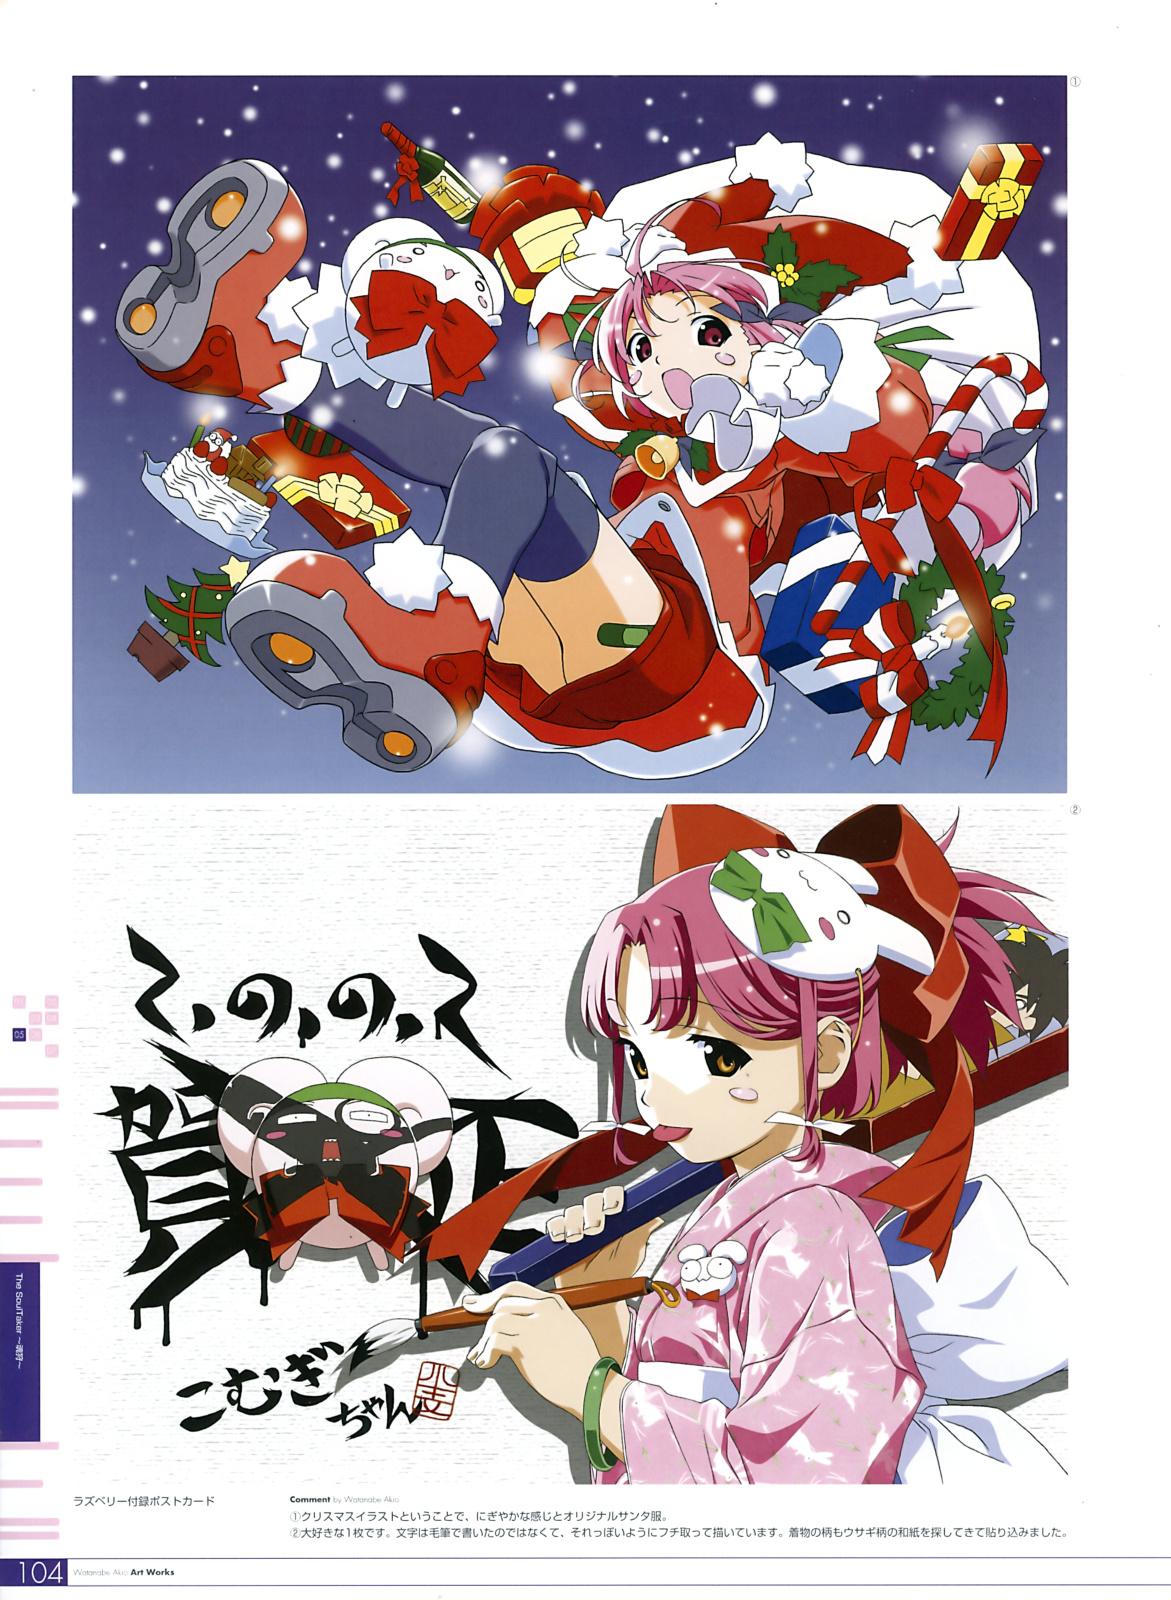 Watanabe Akio Artworks image by Akio Watanabe